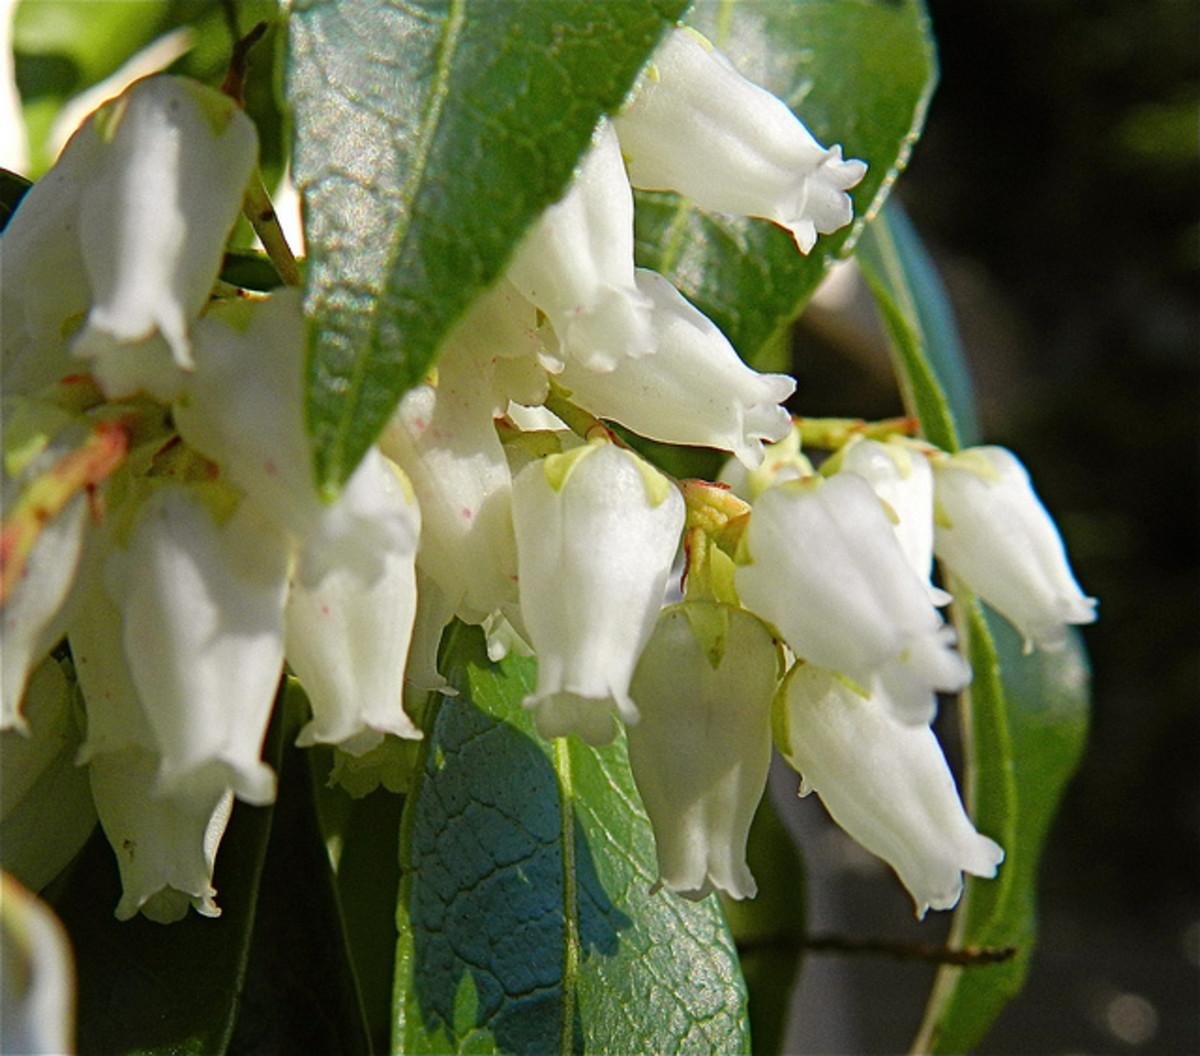 Pieris japonica blossoms